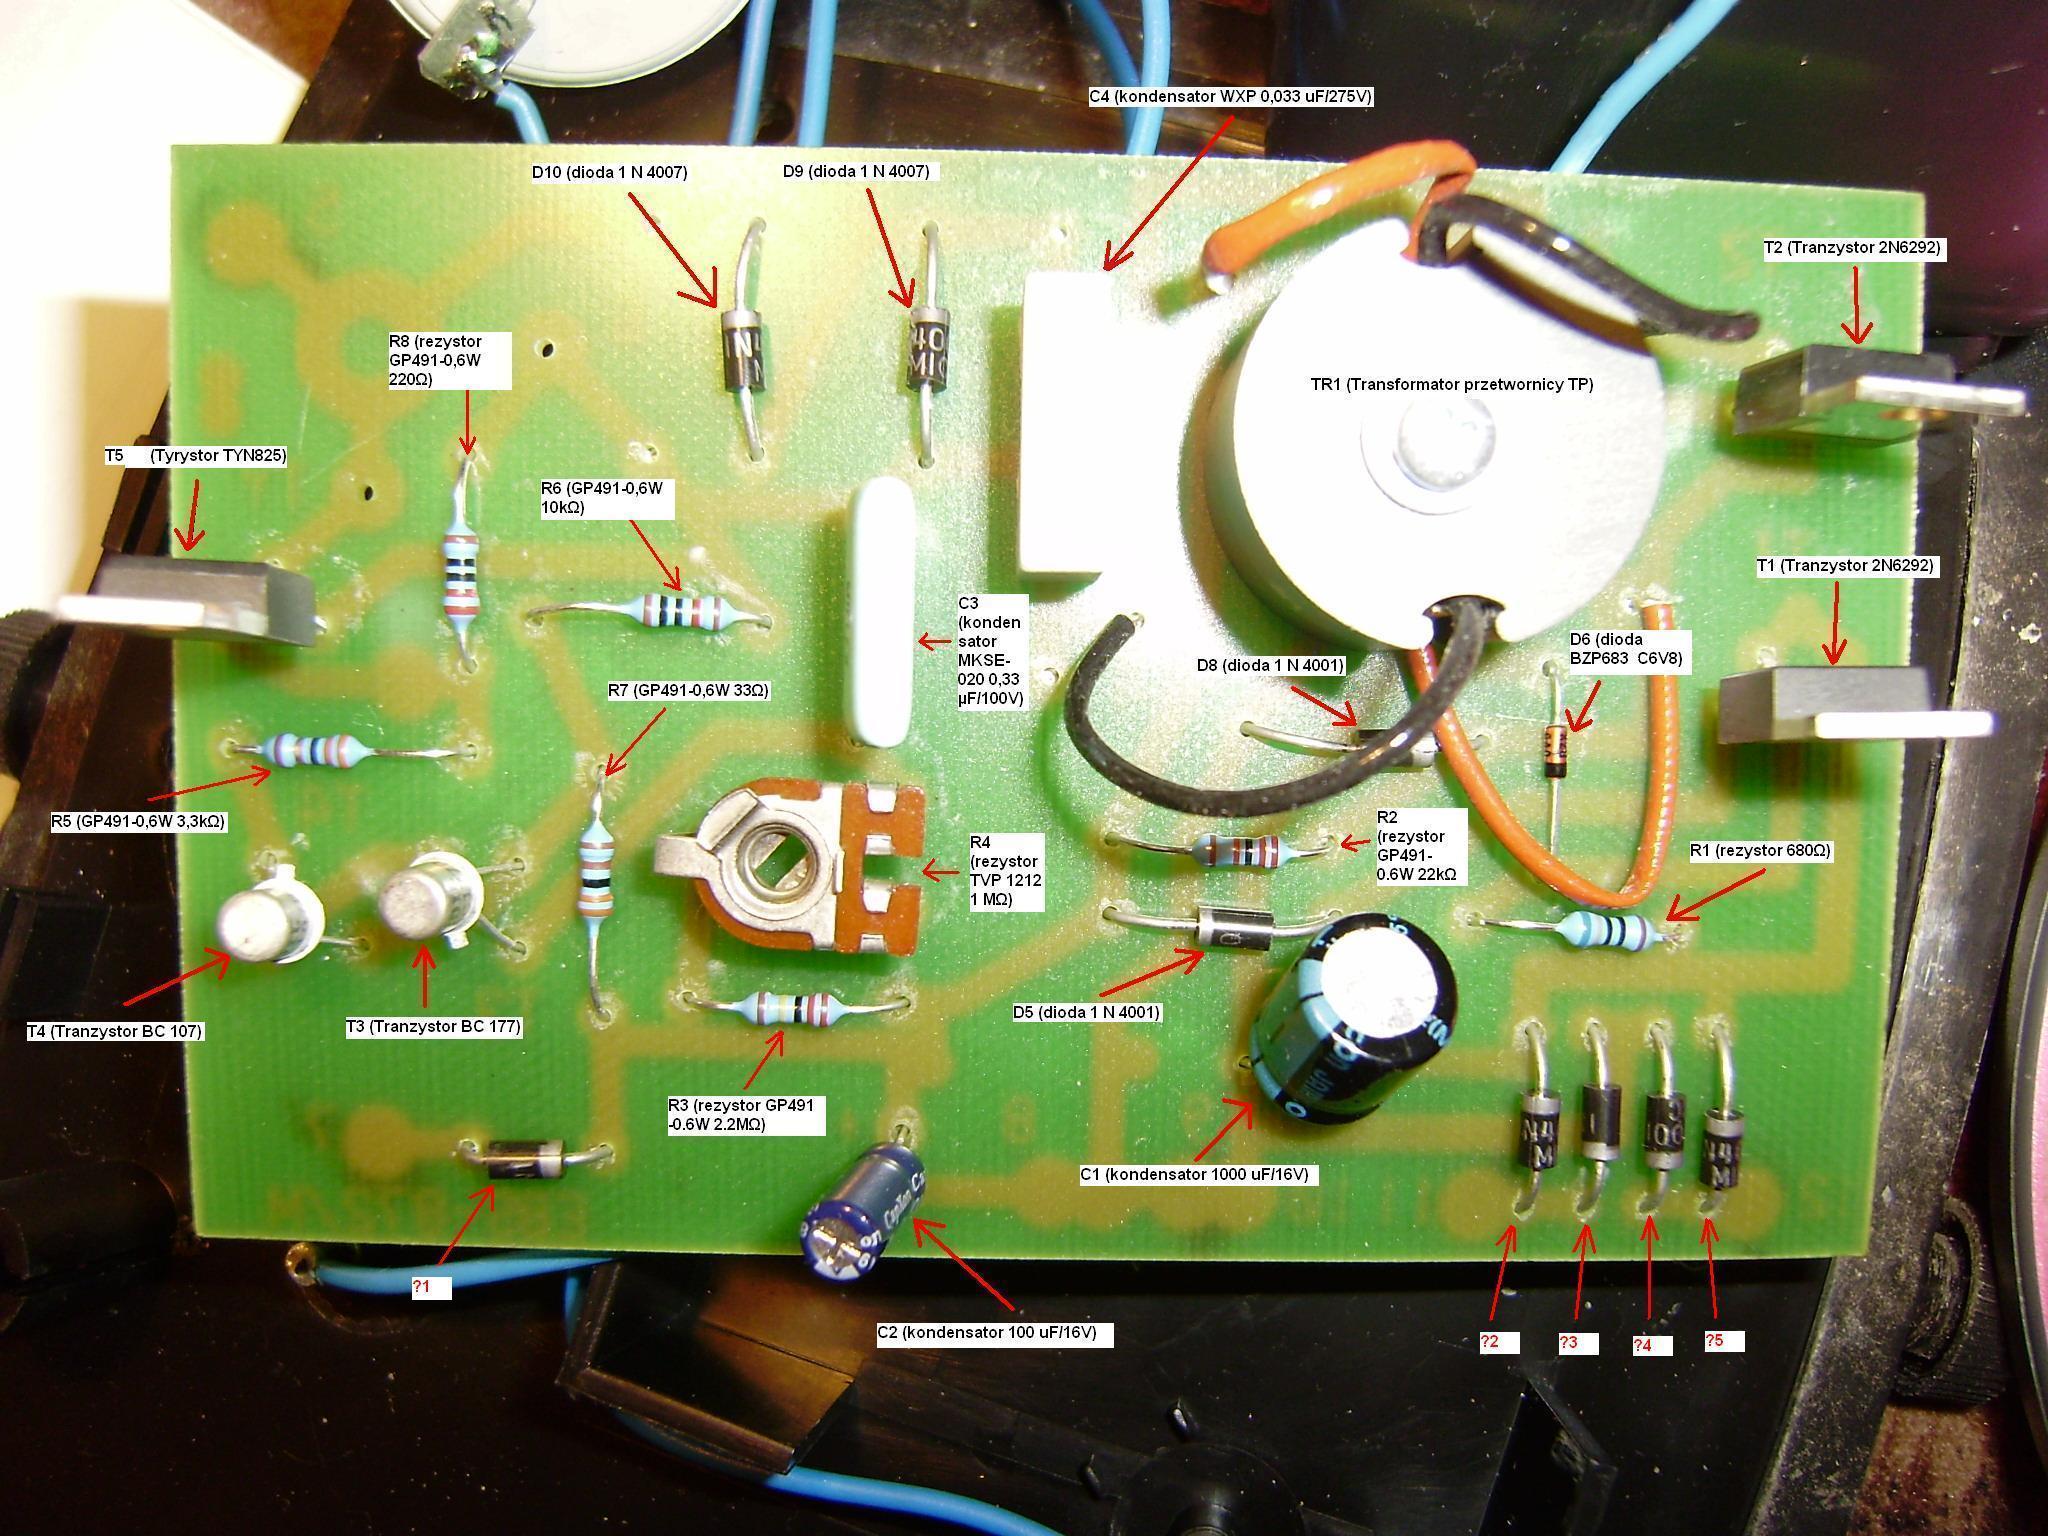 POMELAC EBS-872/M - Elektryzator wyje i brak iskry.